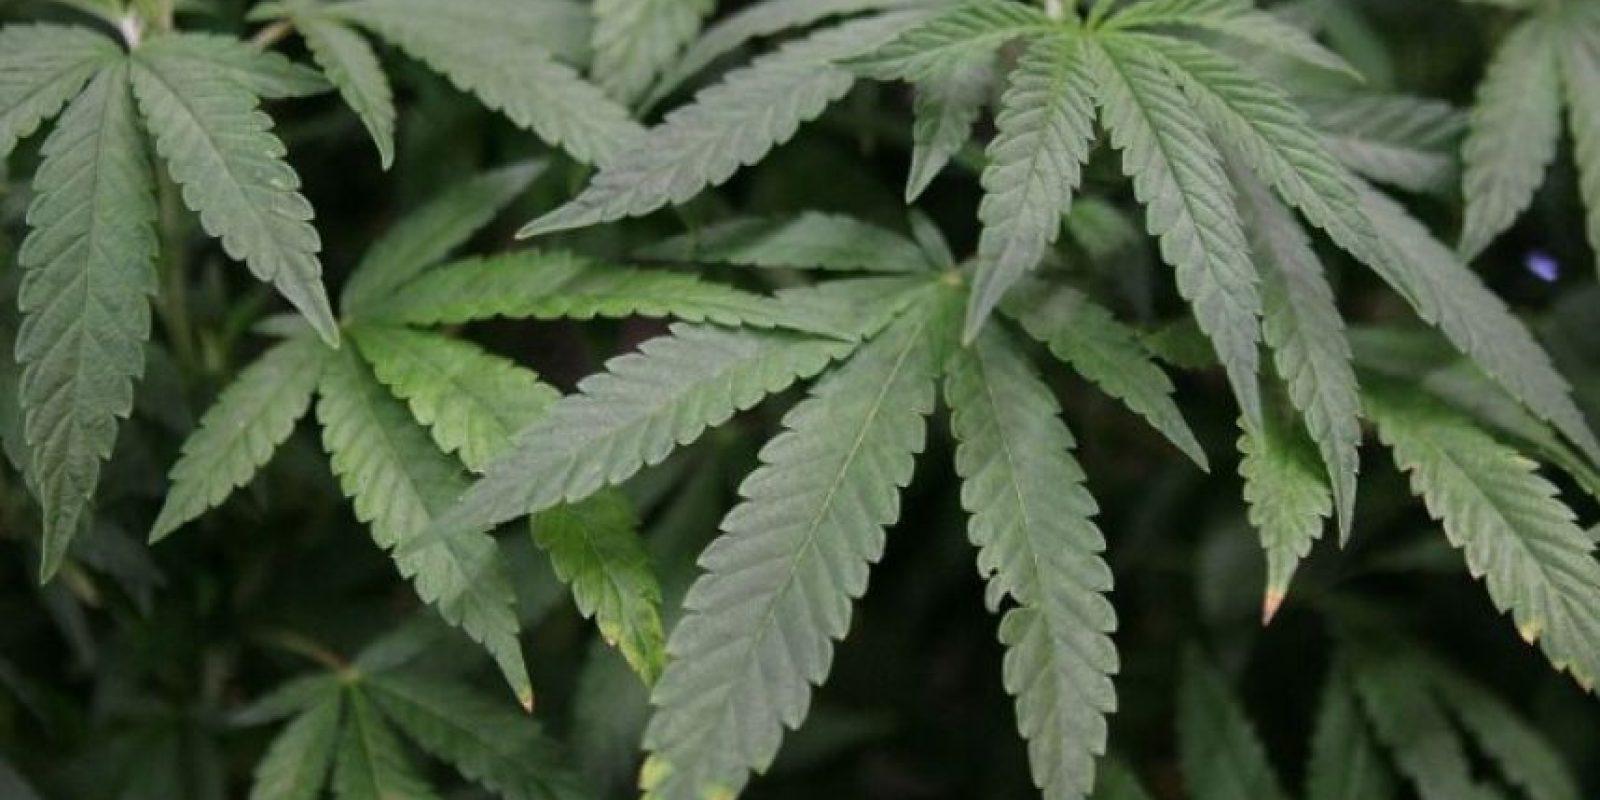 2. Colombia: Posesión despenalizada y es ilegal cultivar más de 20 plantas. Además, el presidente Juan Manuel Santos firmó el decreto para legalizar su uso medicinal Foto:Getty Images